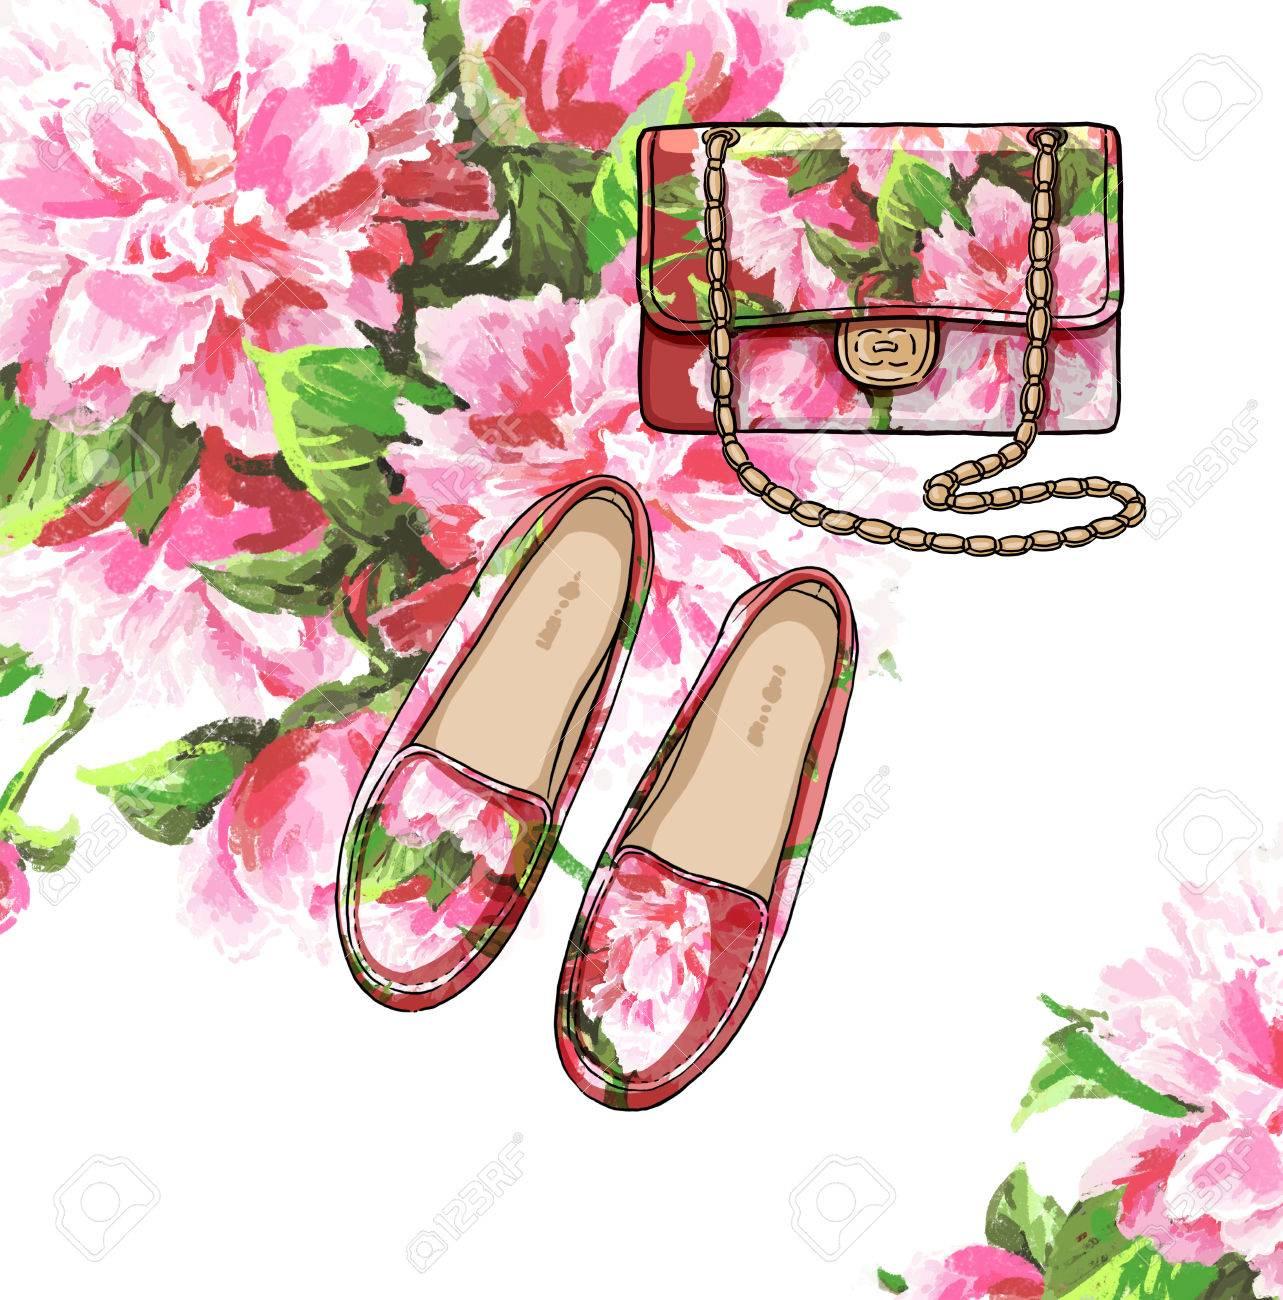 08698597e Dama de la moda conjunto de traje de la temporada de primavera. Ilustración  estilo y de moda de ropa. Bolso y zapatos withs flores de peonía ...